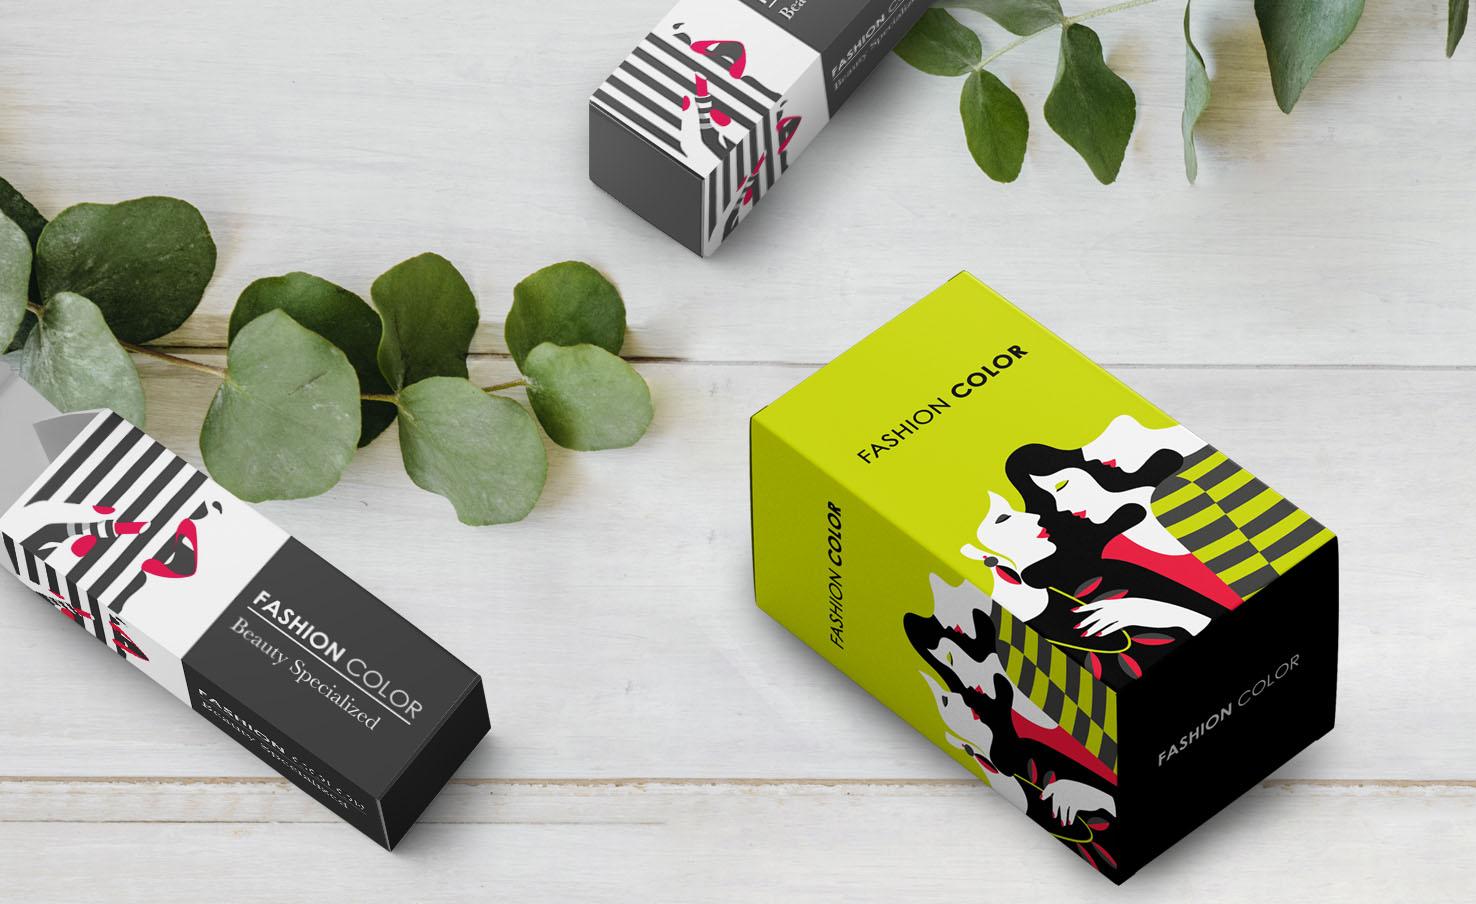 Packaging personalizzato e illustrazioni: come usare le immagini per conquistare il consumatore